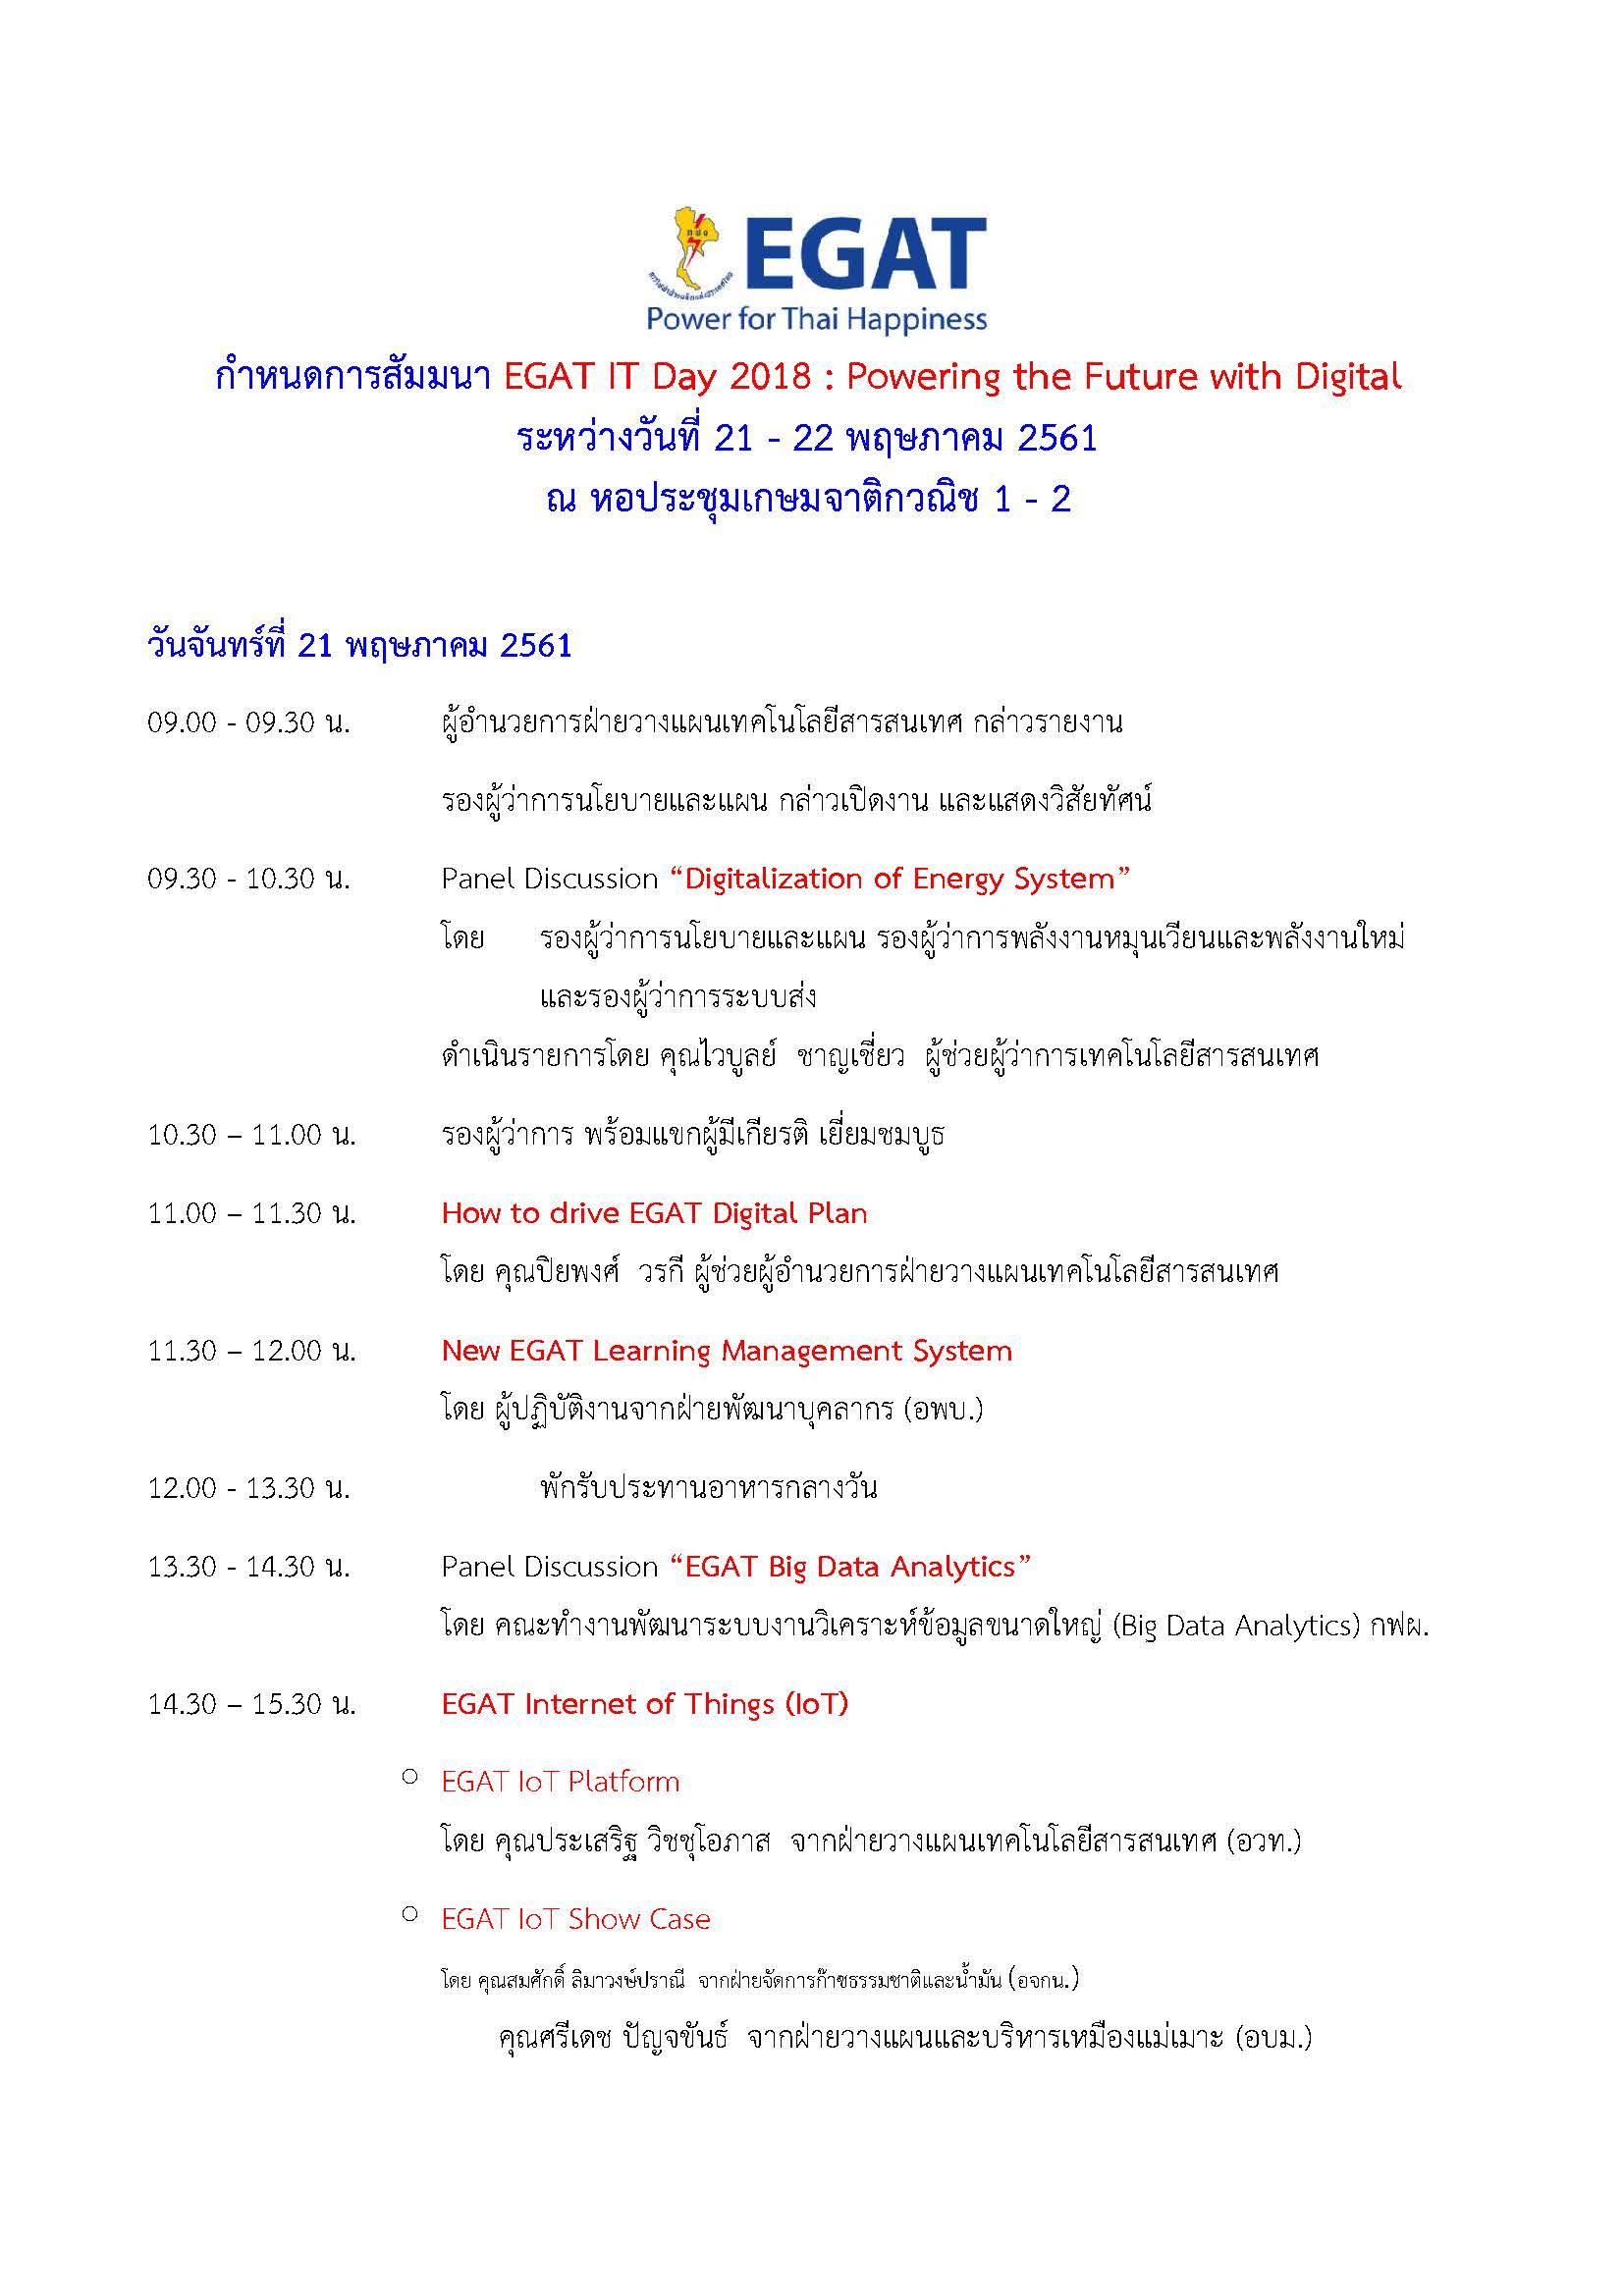 กำหนดการงาน EGAT IT Day วัน21-22 พฤษภาคม 2561_V7_Page_1